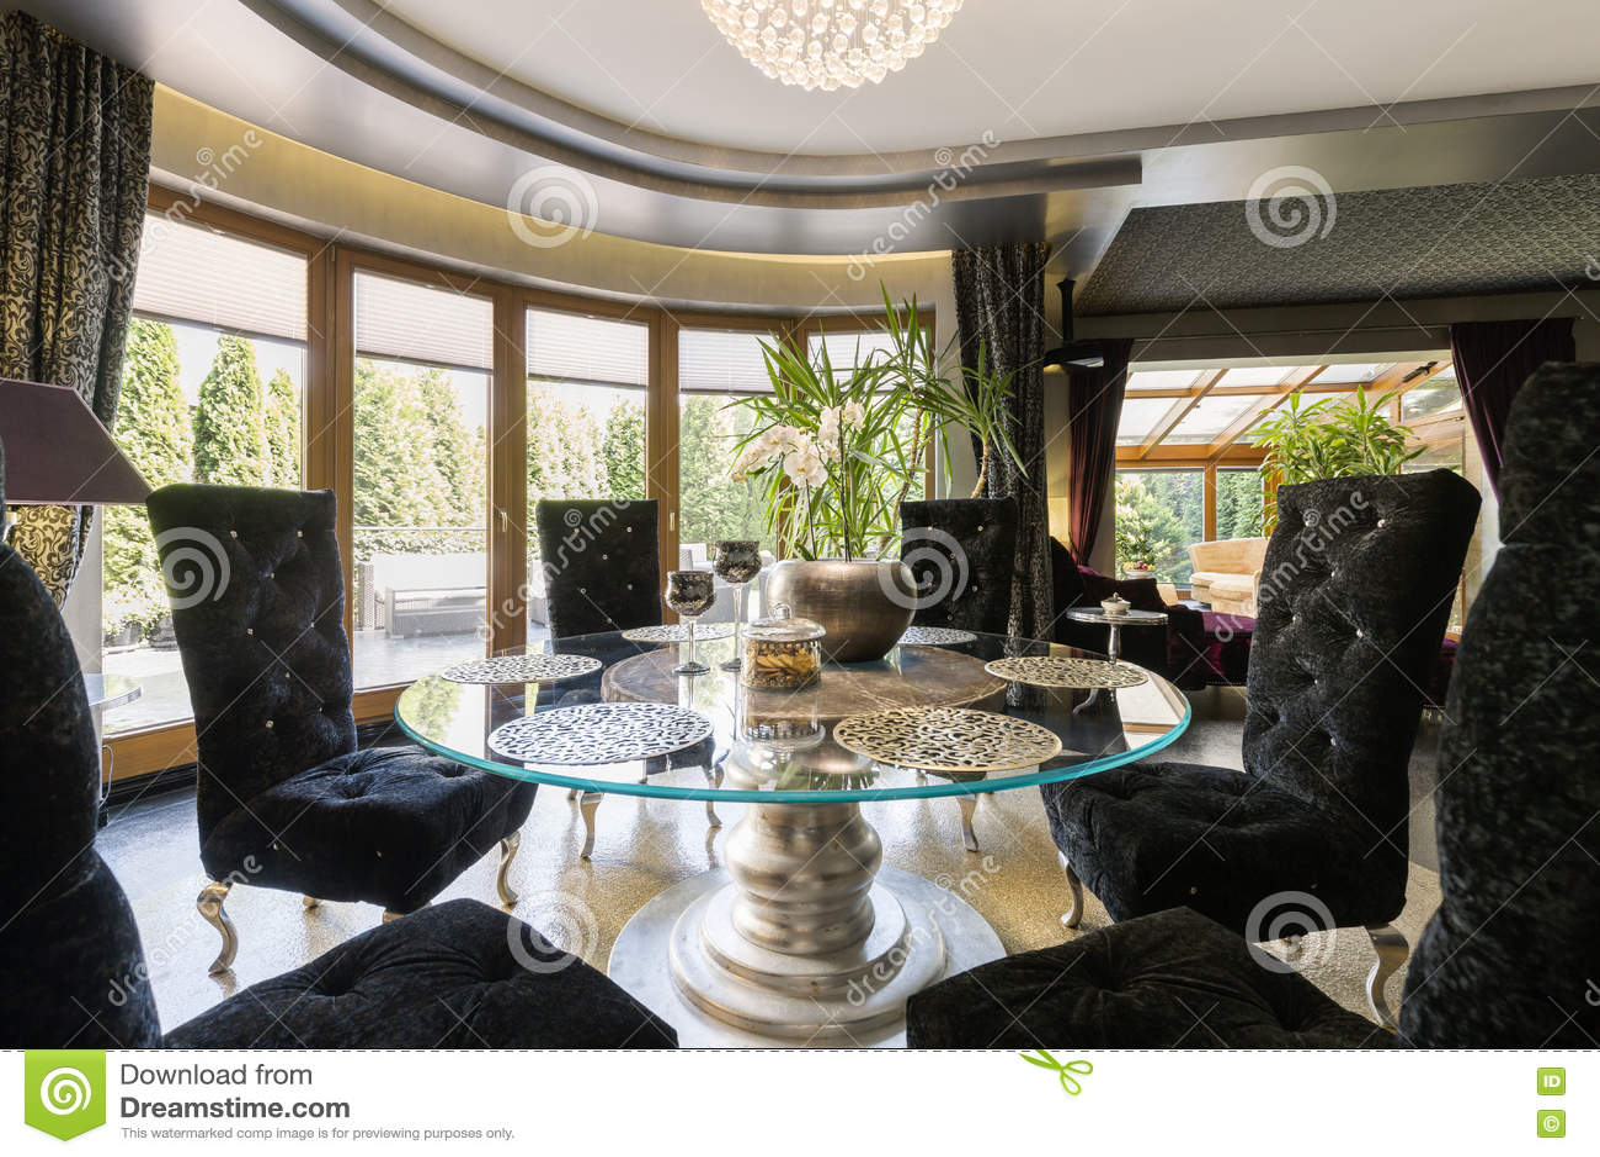 Salle A Manger Luxueuse Avec La Table En Verre Image Stock Image